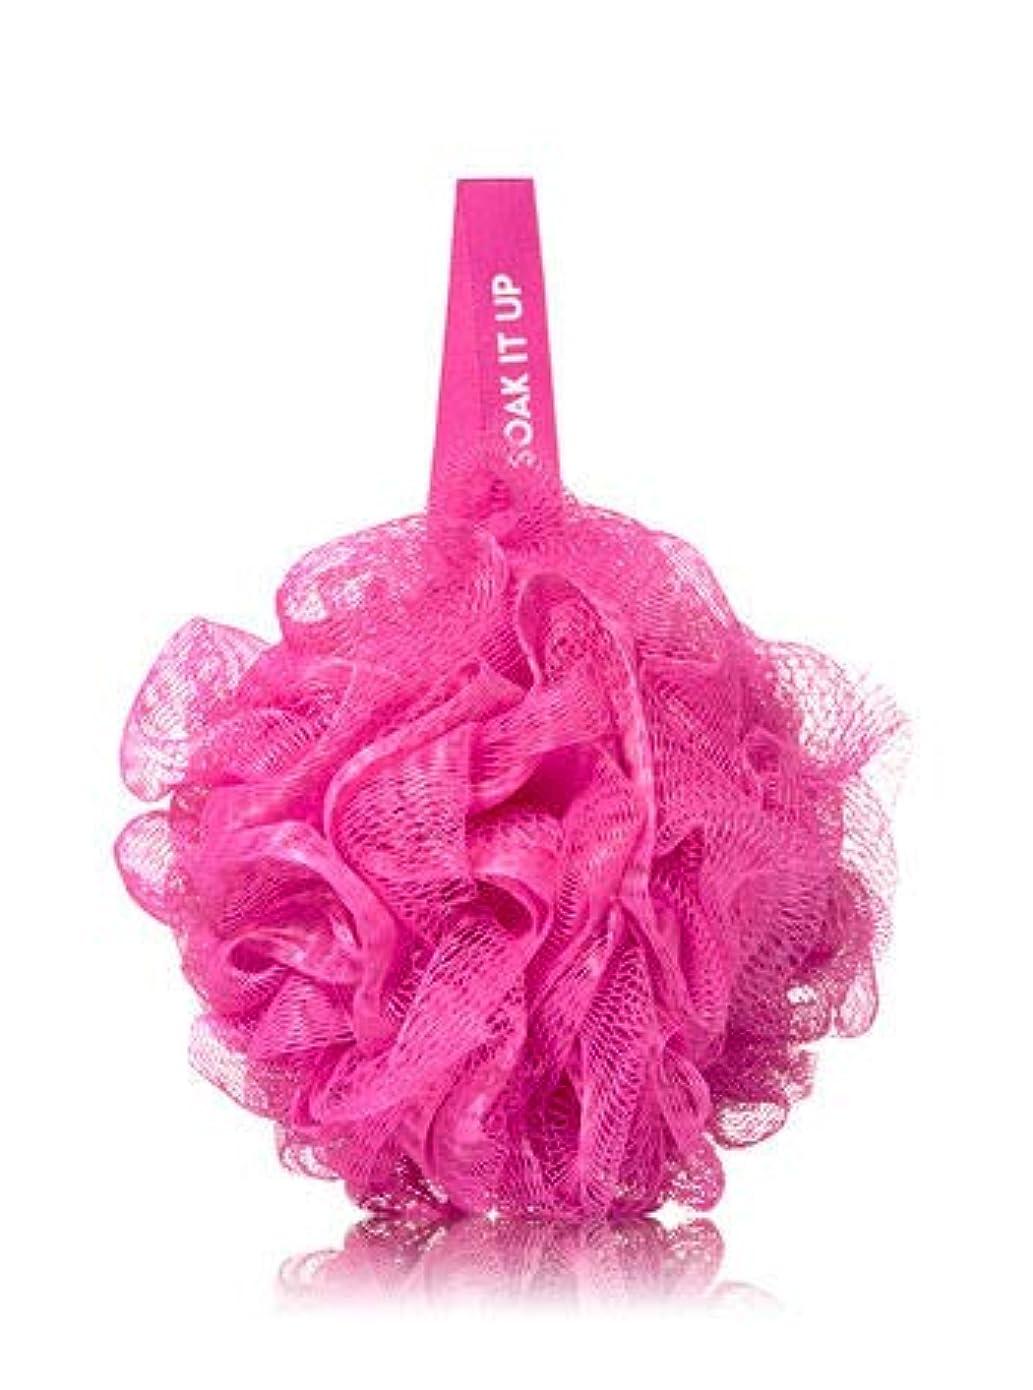 ブースト記述する好む【Bath&Body Works/バス&ボディワークス】 バススポンジ ピンク メッシュ Shower Sponge Pink Mesh バス用品 [並行輸入品]